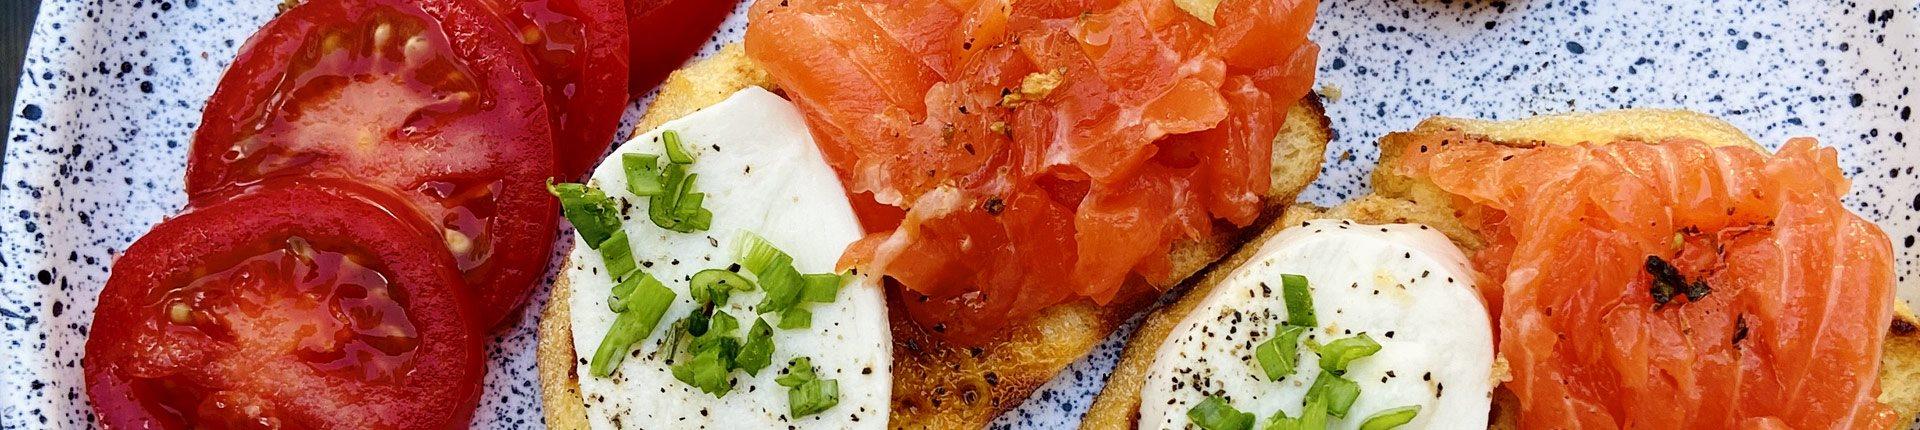 Przykładowy jadłospis diety śródziemnomorskiej. Wypróbuj 4 dni na najzdrowszej diecie świata!